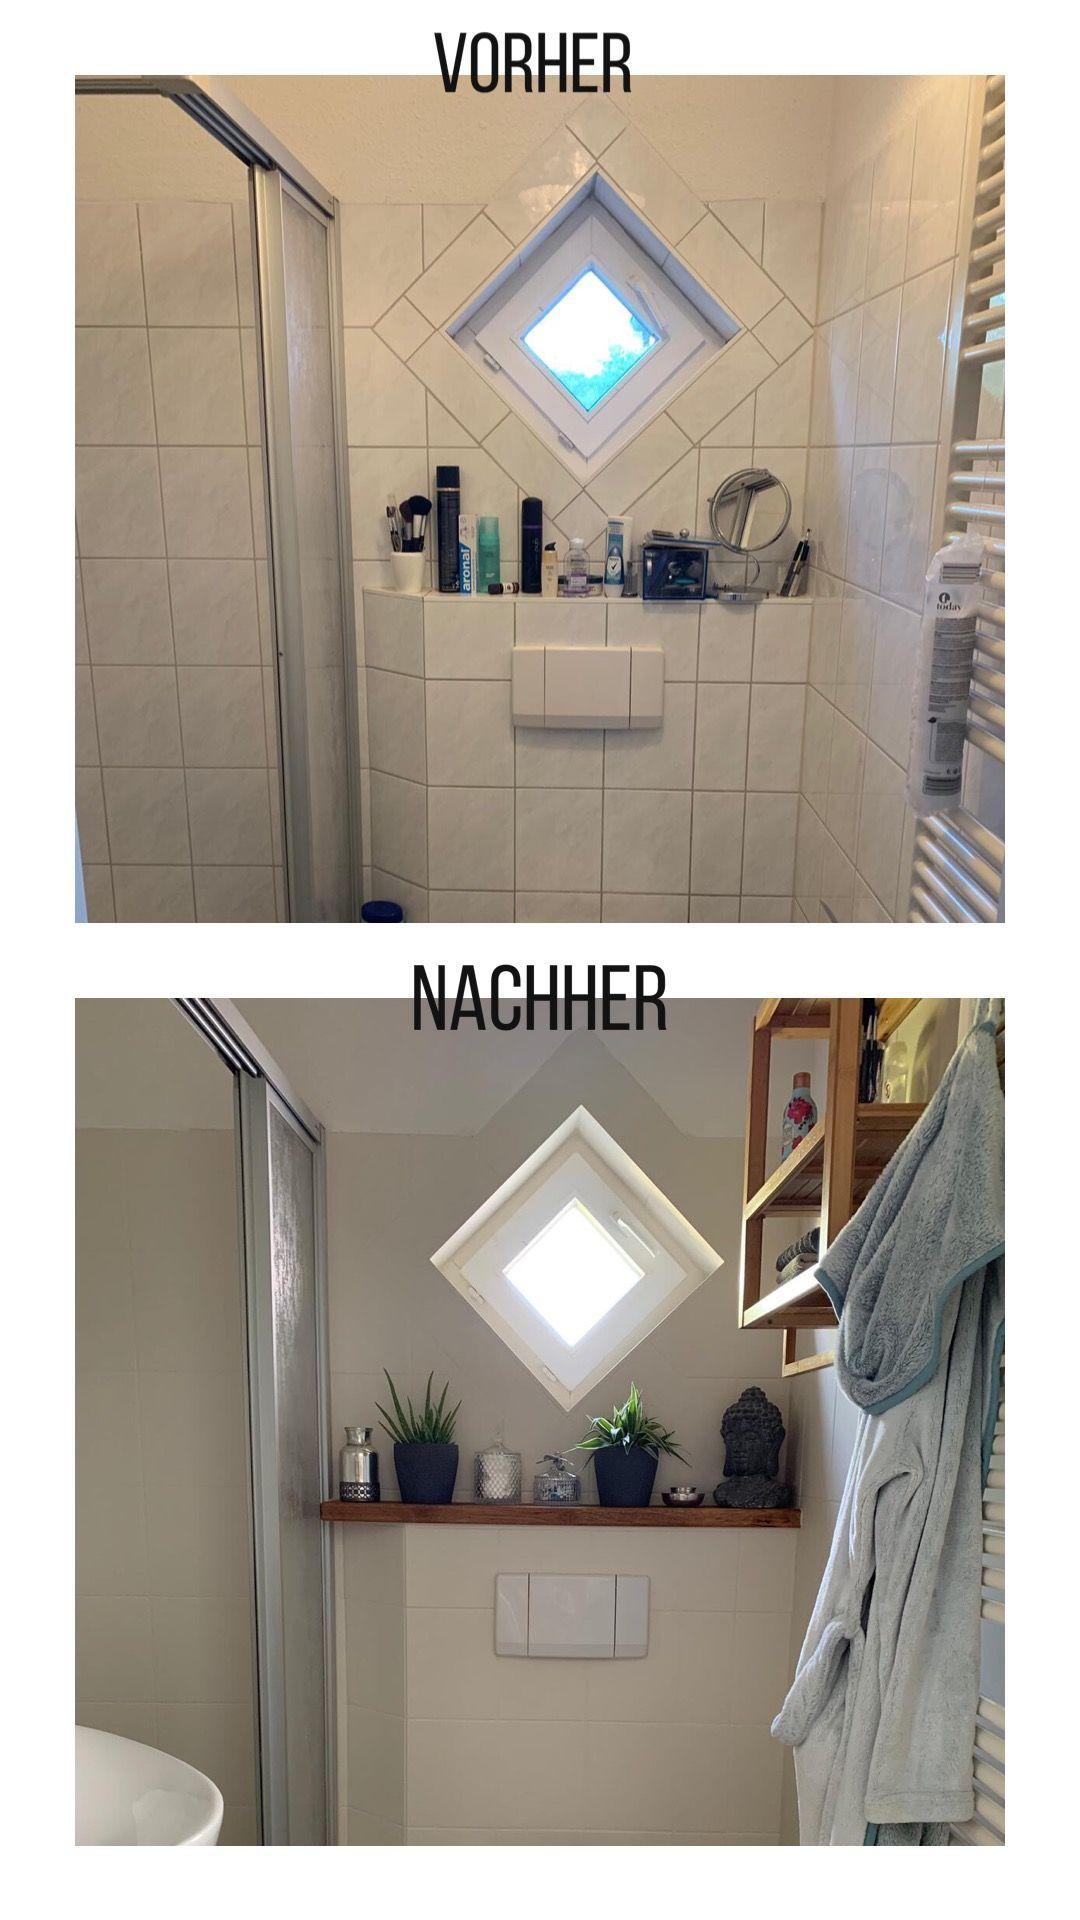 Badezimmer Fliesen Streichen Alte Badezimmer Fliesen Streichen Mit Kreidefarben Und Ein Badezimmer Fliesen Badezimmer Streichen Badezimmerfliesen Streichen